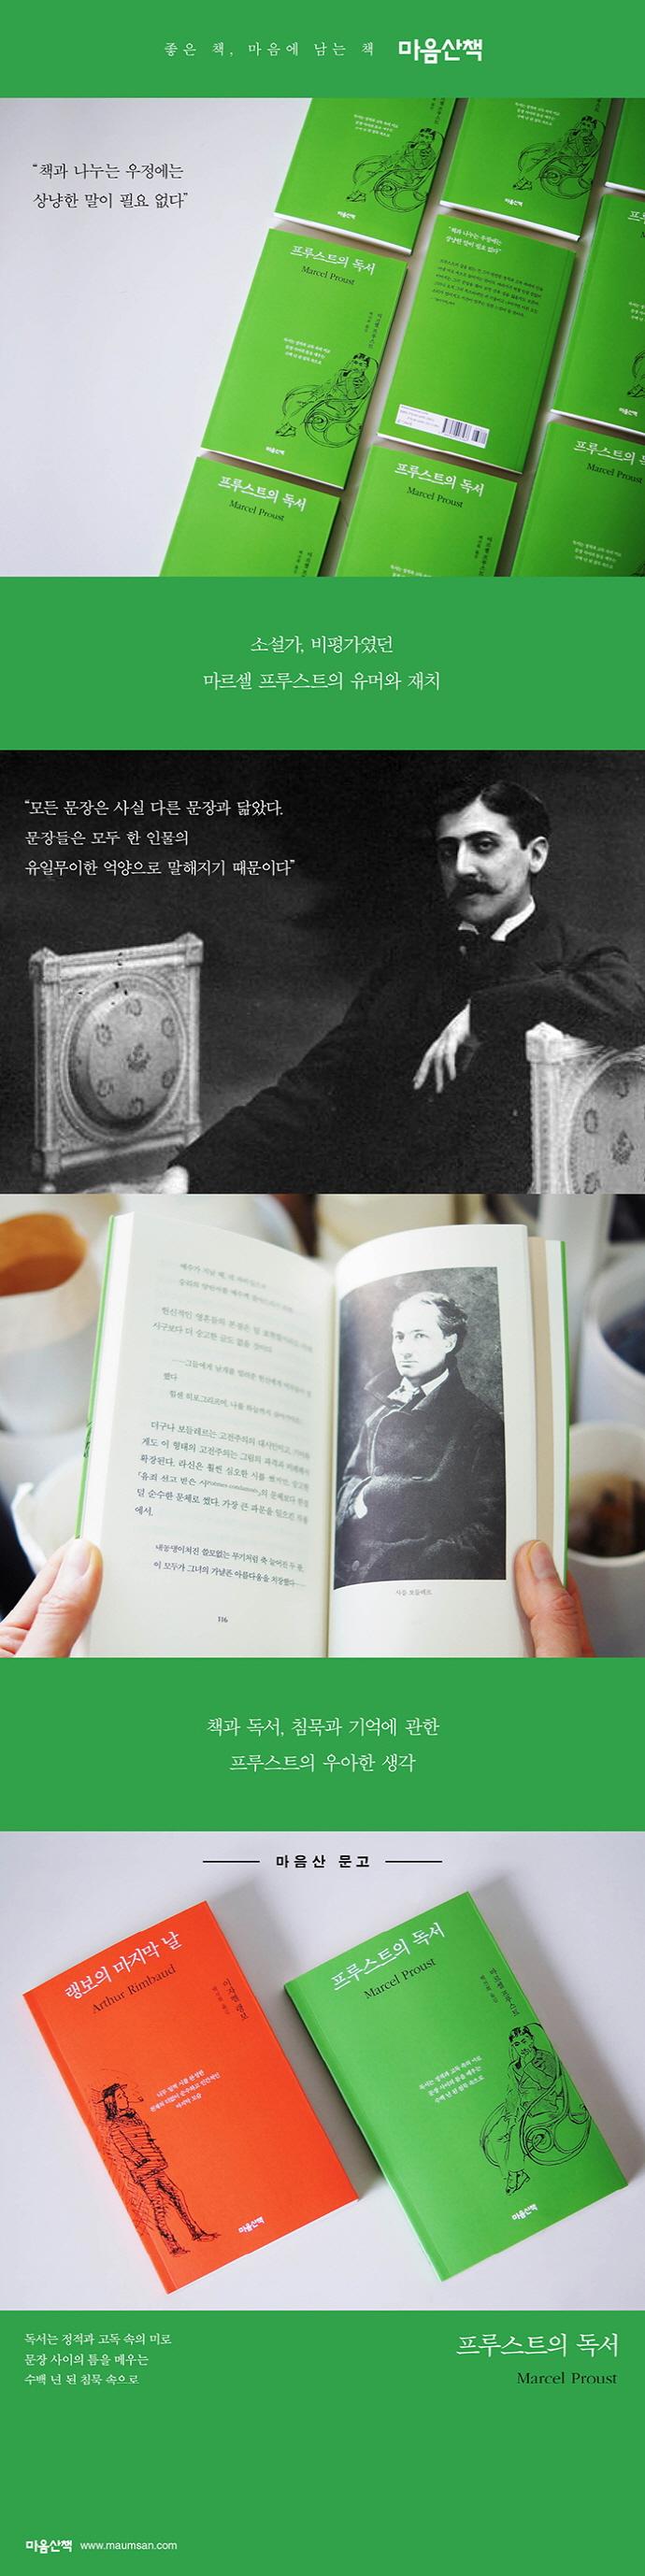 프루스트의 독서 도서 상세이미지